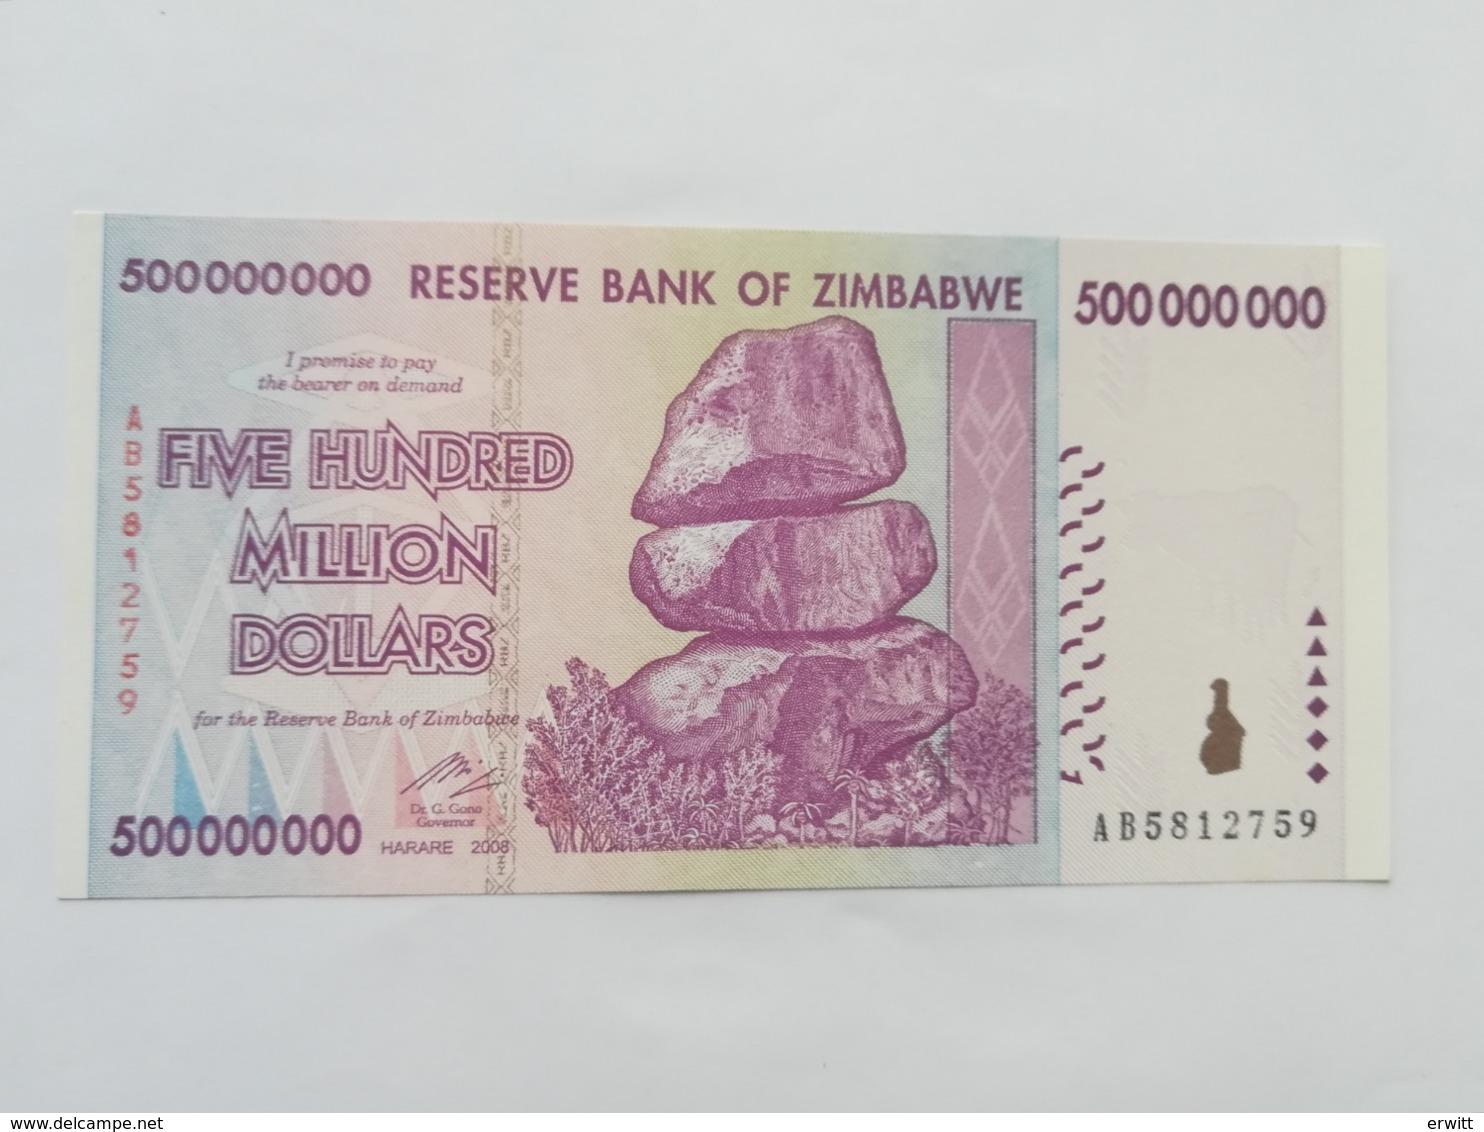 ZIMBABWE 500000000 DOLLARS 2008 - Simbabwe